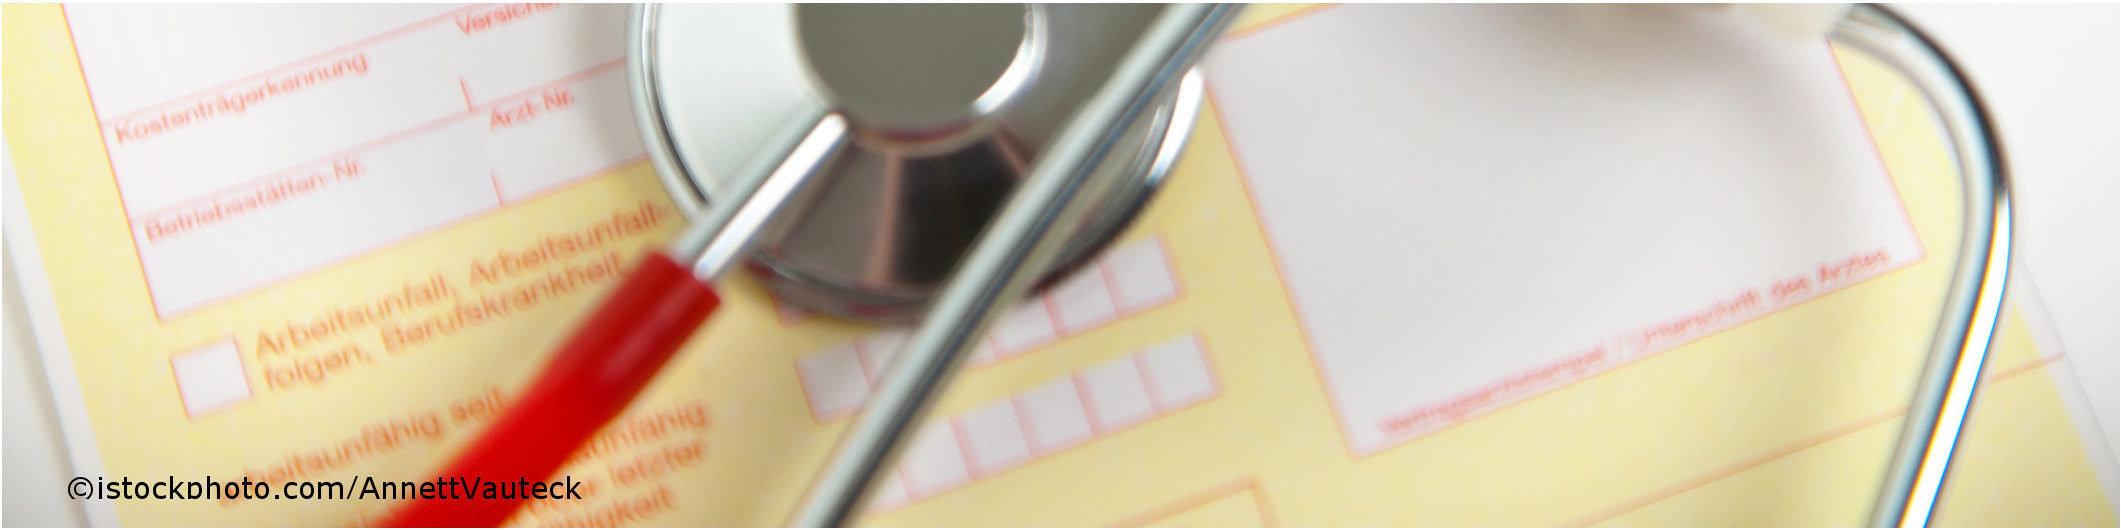 Im ICD-10 Diagnoseschlüssel steht A82 für die meldepflichtige Infektionserkrankung Tollwut.